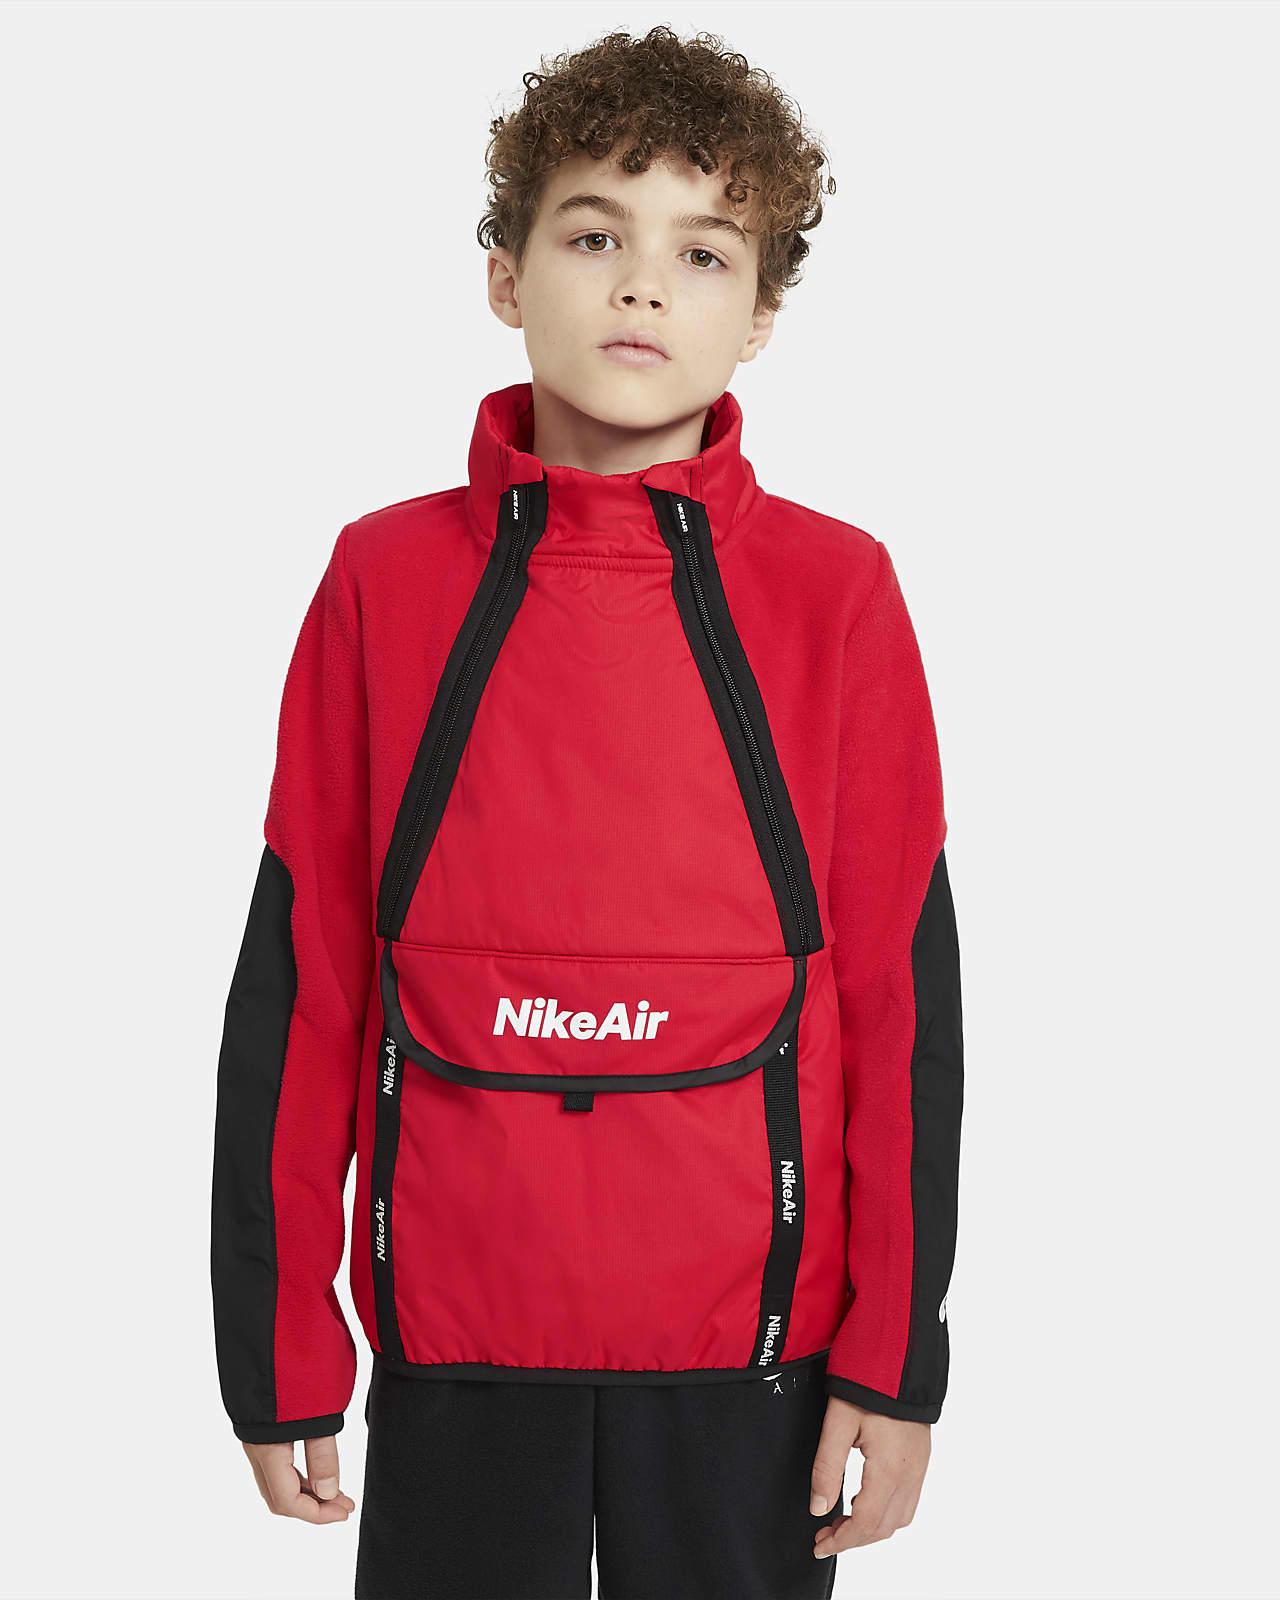 Nike Air Part superior amb protecció contra el mal temps - Nen